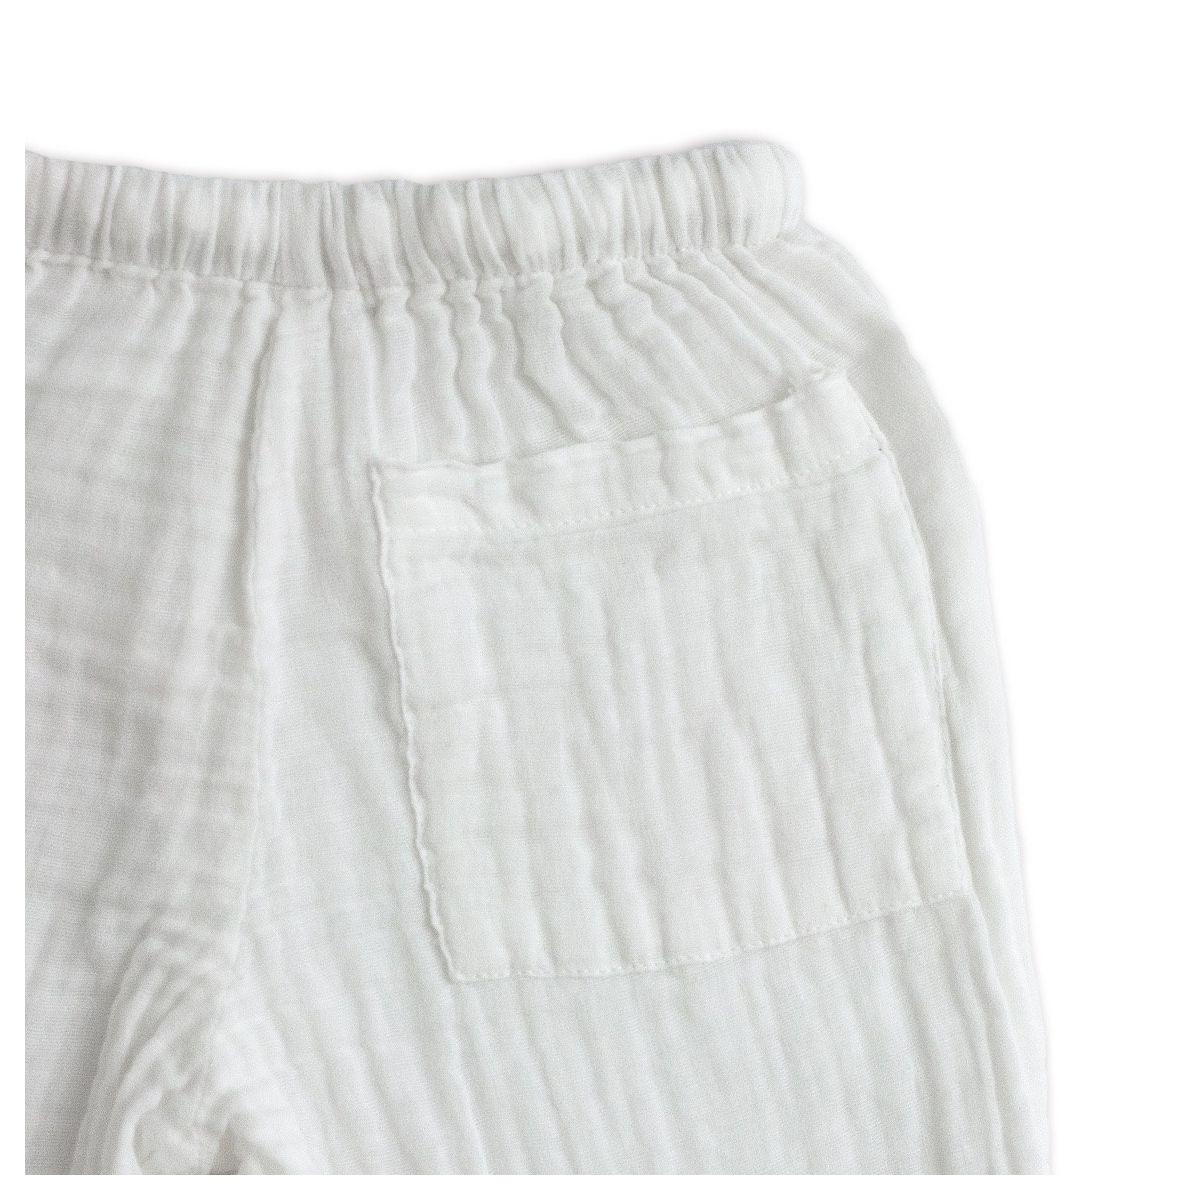 Suit Dan shirt & pants white - Numero 74